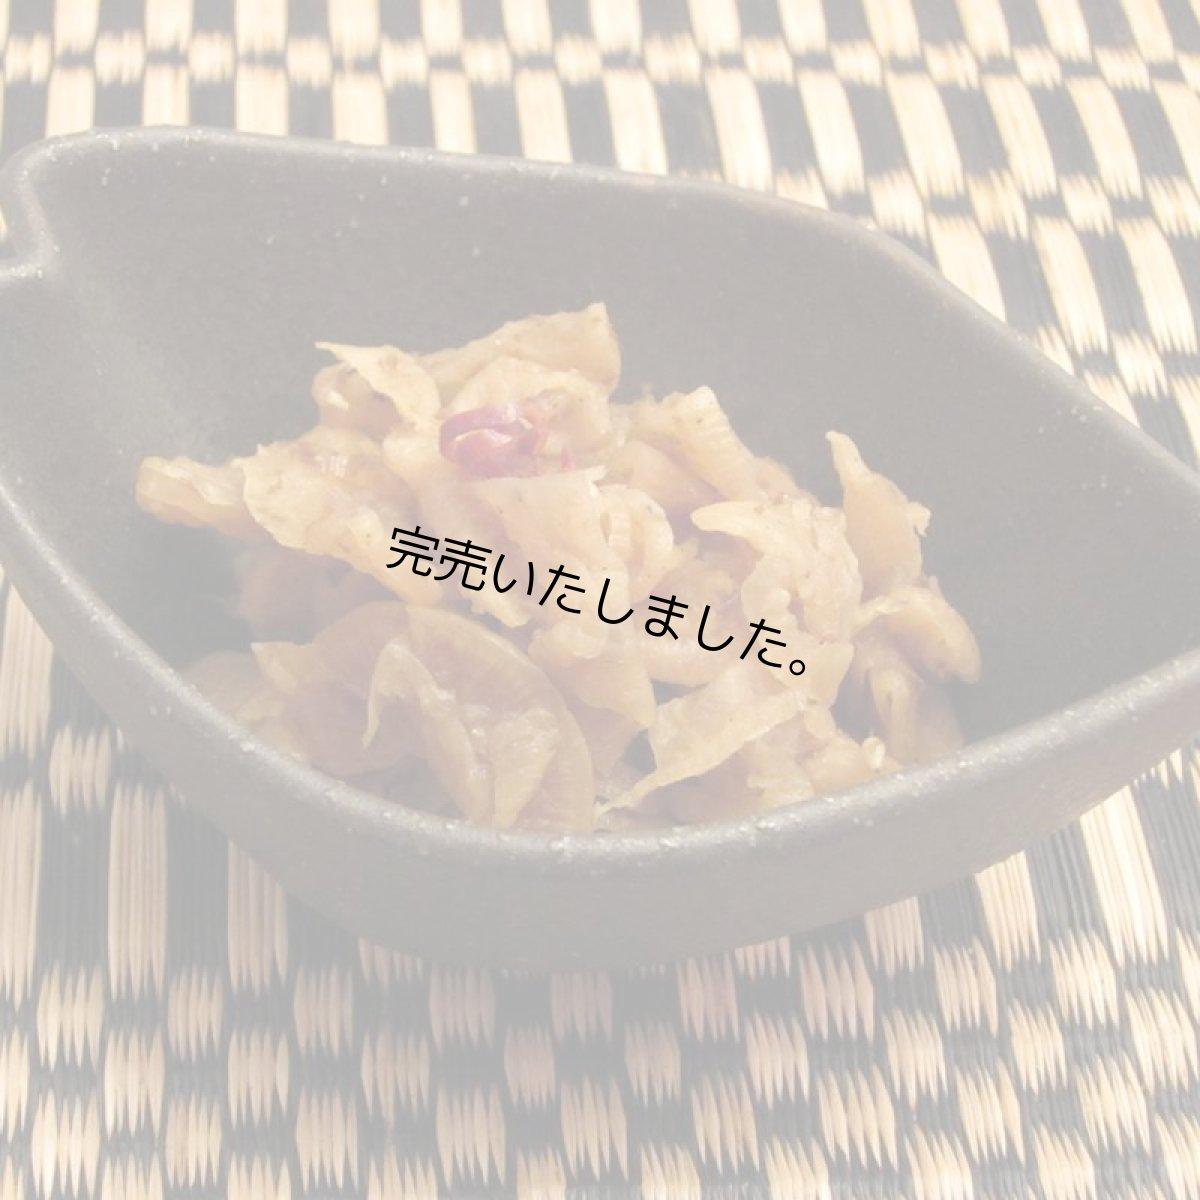 画像1: 菜香や■おにぎりの具にも最適!【お茶漬けたくあん】 (1)